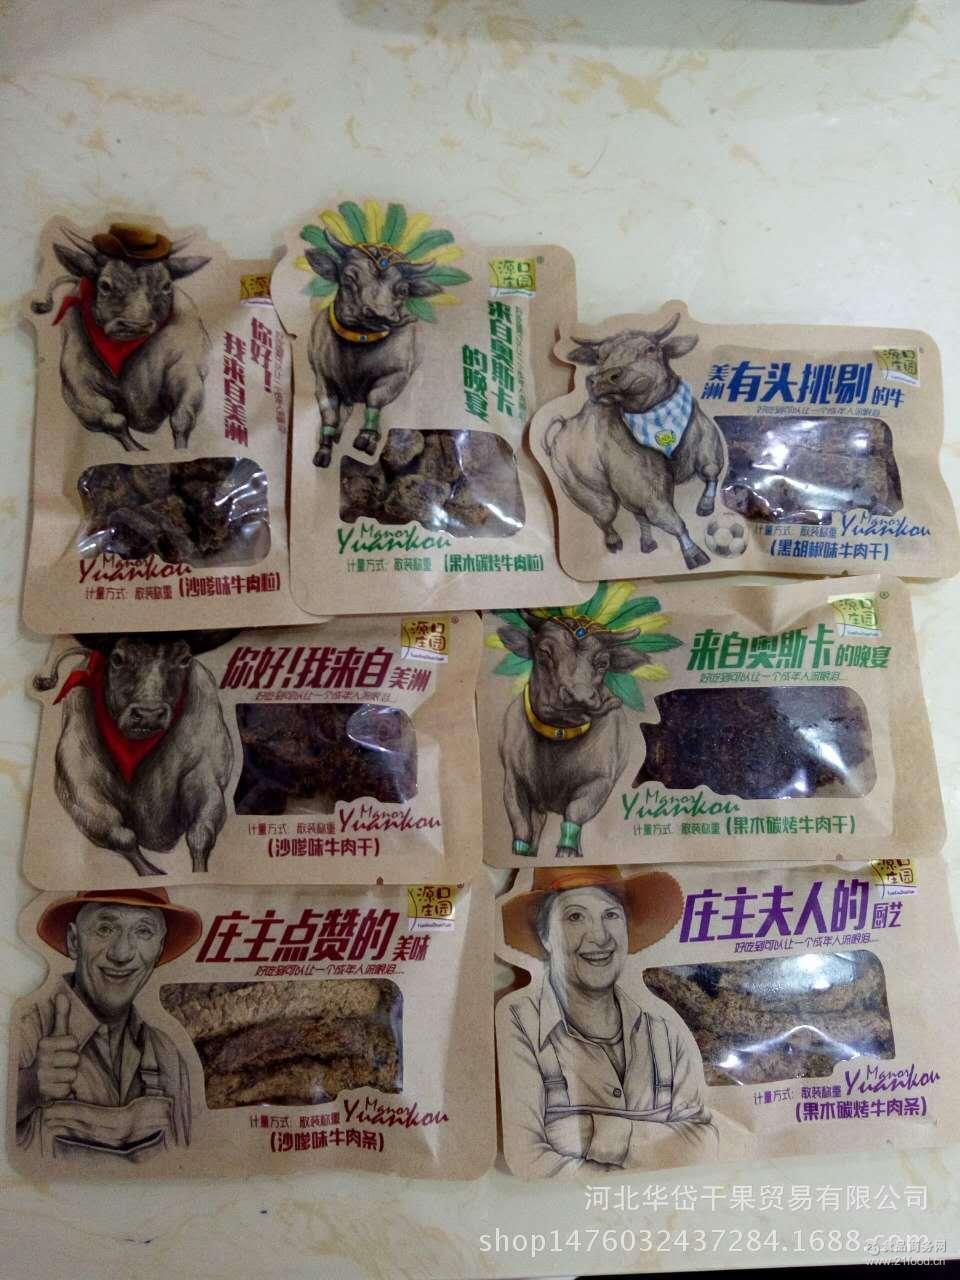 黑椒 香辣 源口庄园 牛肉干 沙嗲 五香 牛肉粒 牛肉条 果木碳烤